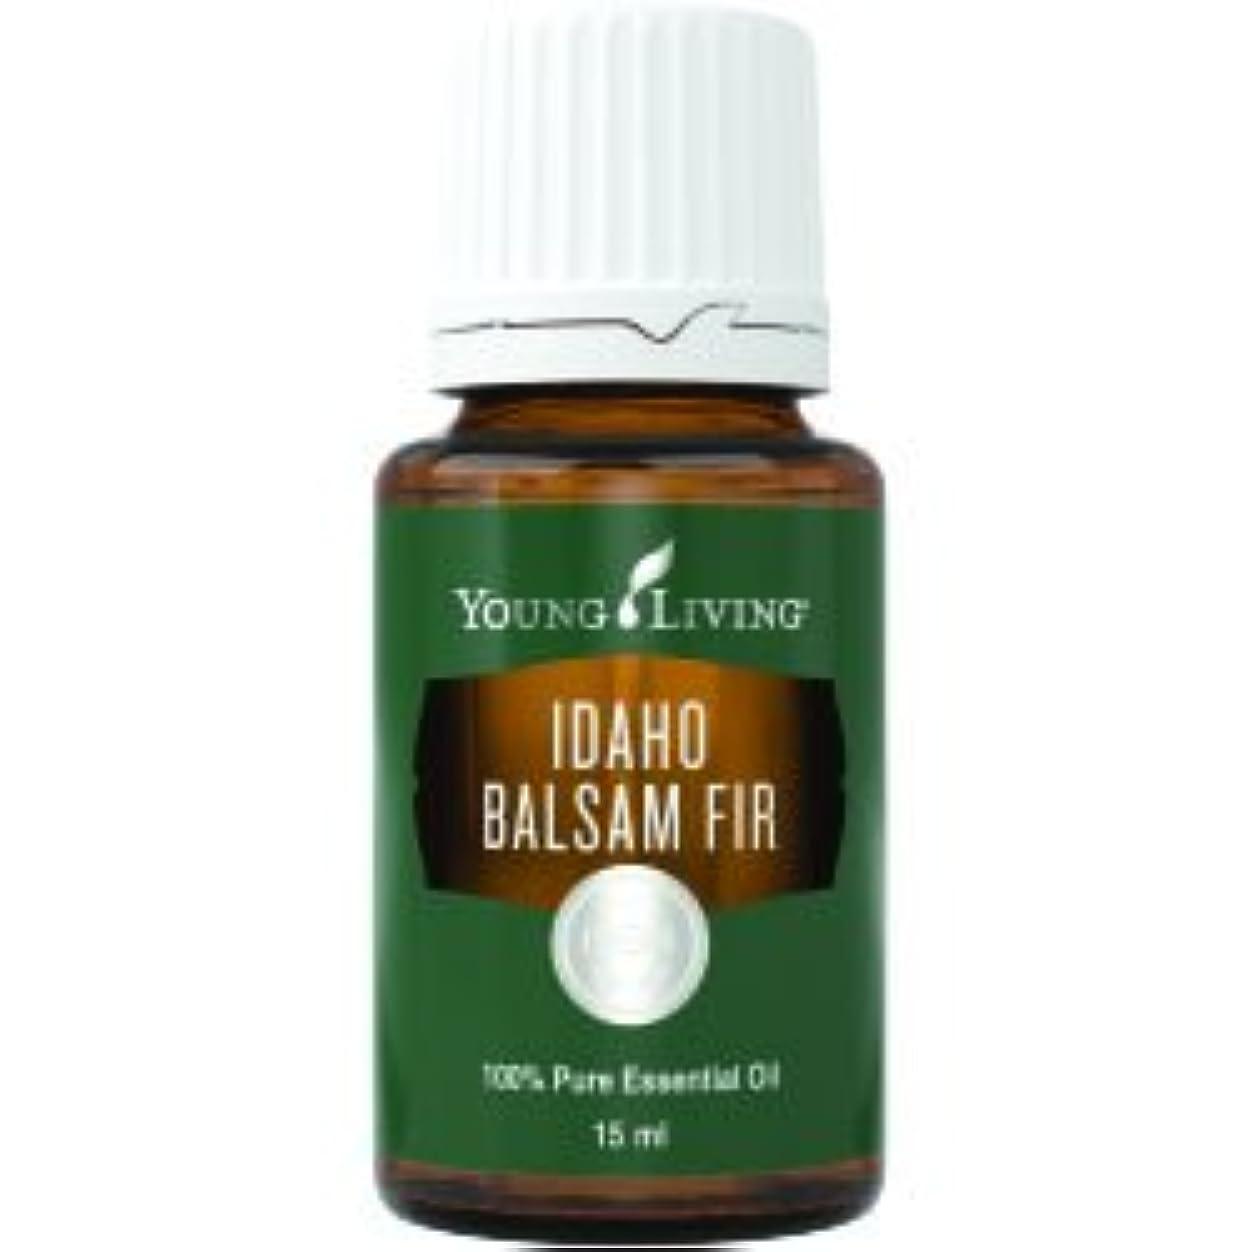 インチ優れた混沌アイダホバルサムモミエッセンシャルオイル15ml by Young Livingエッセンシャルオイルマレーシア Idaho Balsam Fir Essential Oil 15ml by Young Living Essential...